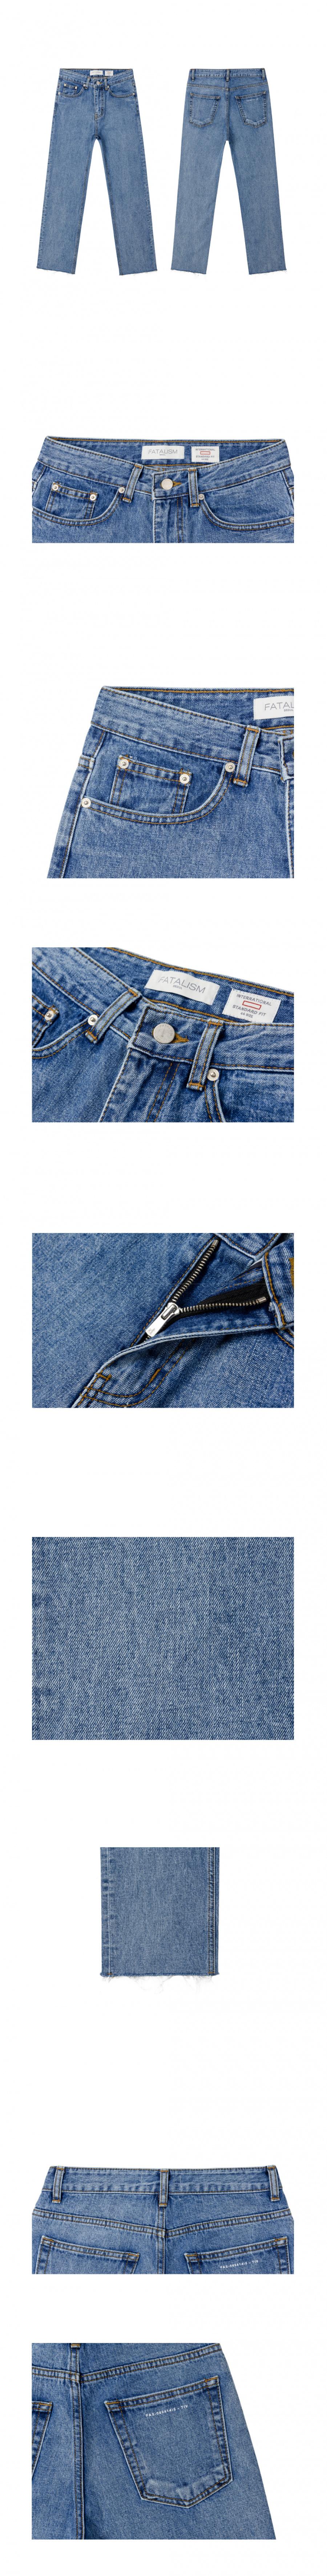 페이탈리즘(FATALISM) middle blue  ordinary crop  fit #0091